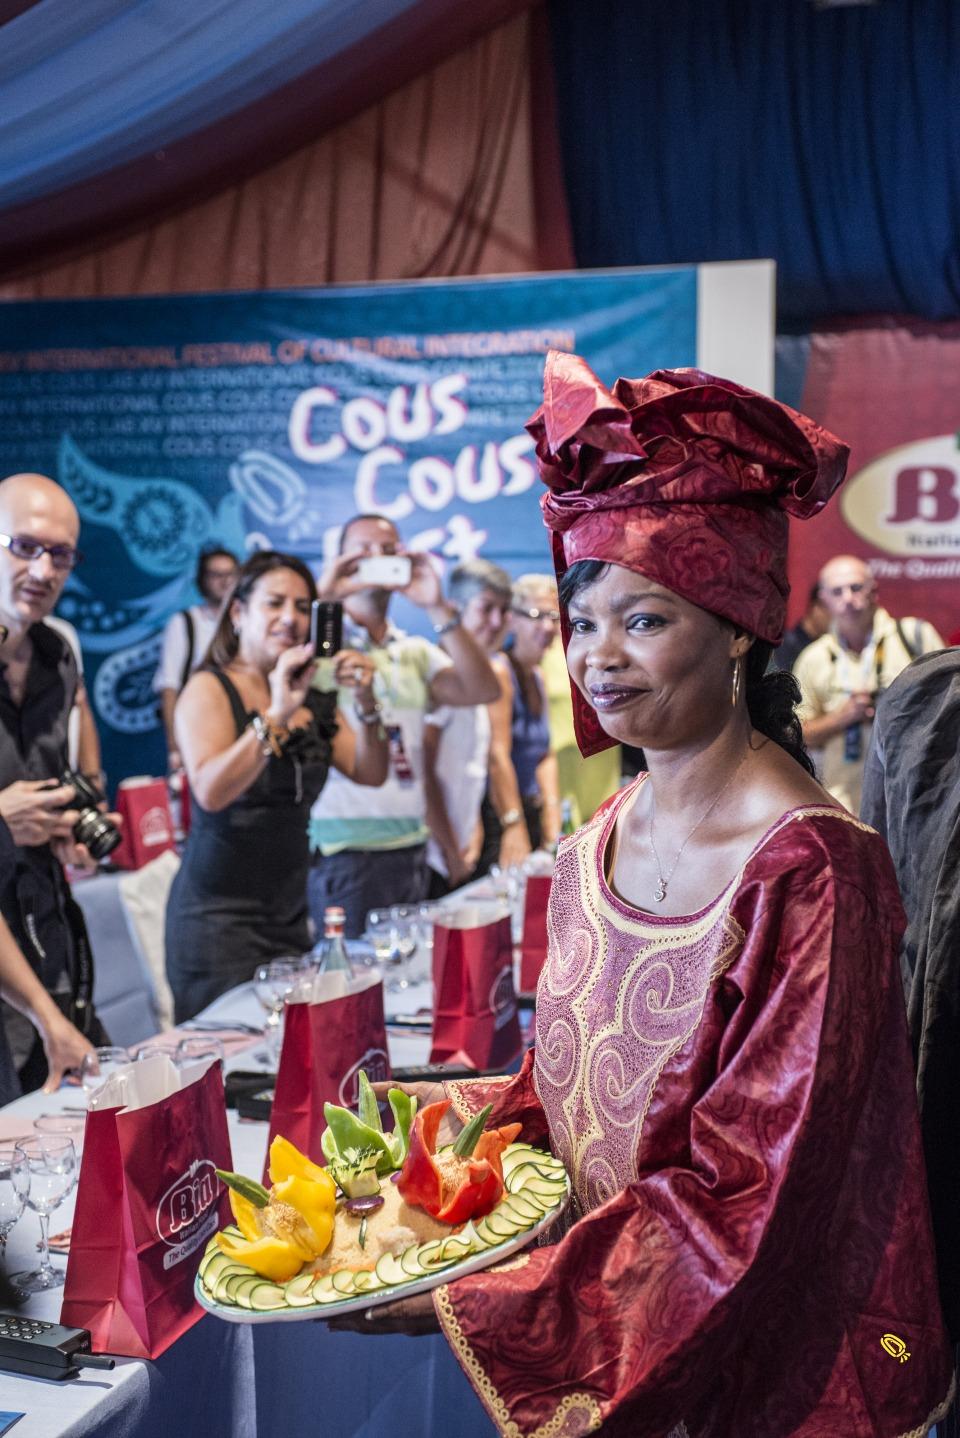 cous cous fest 2020 - Albergo auralba